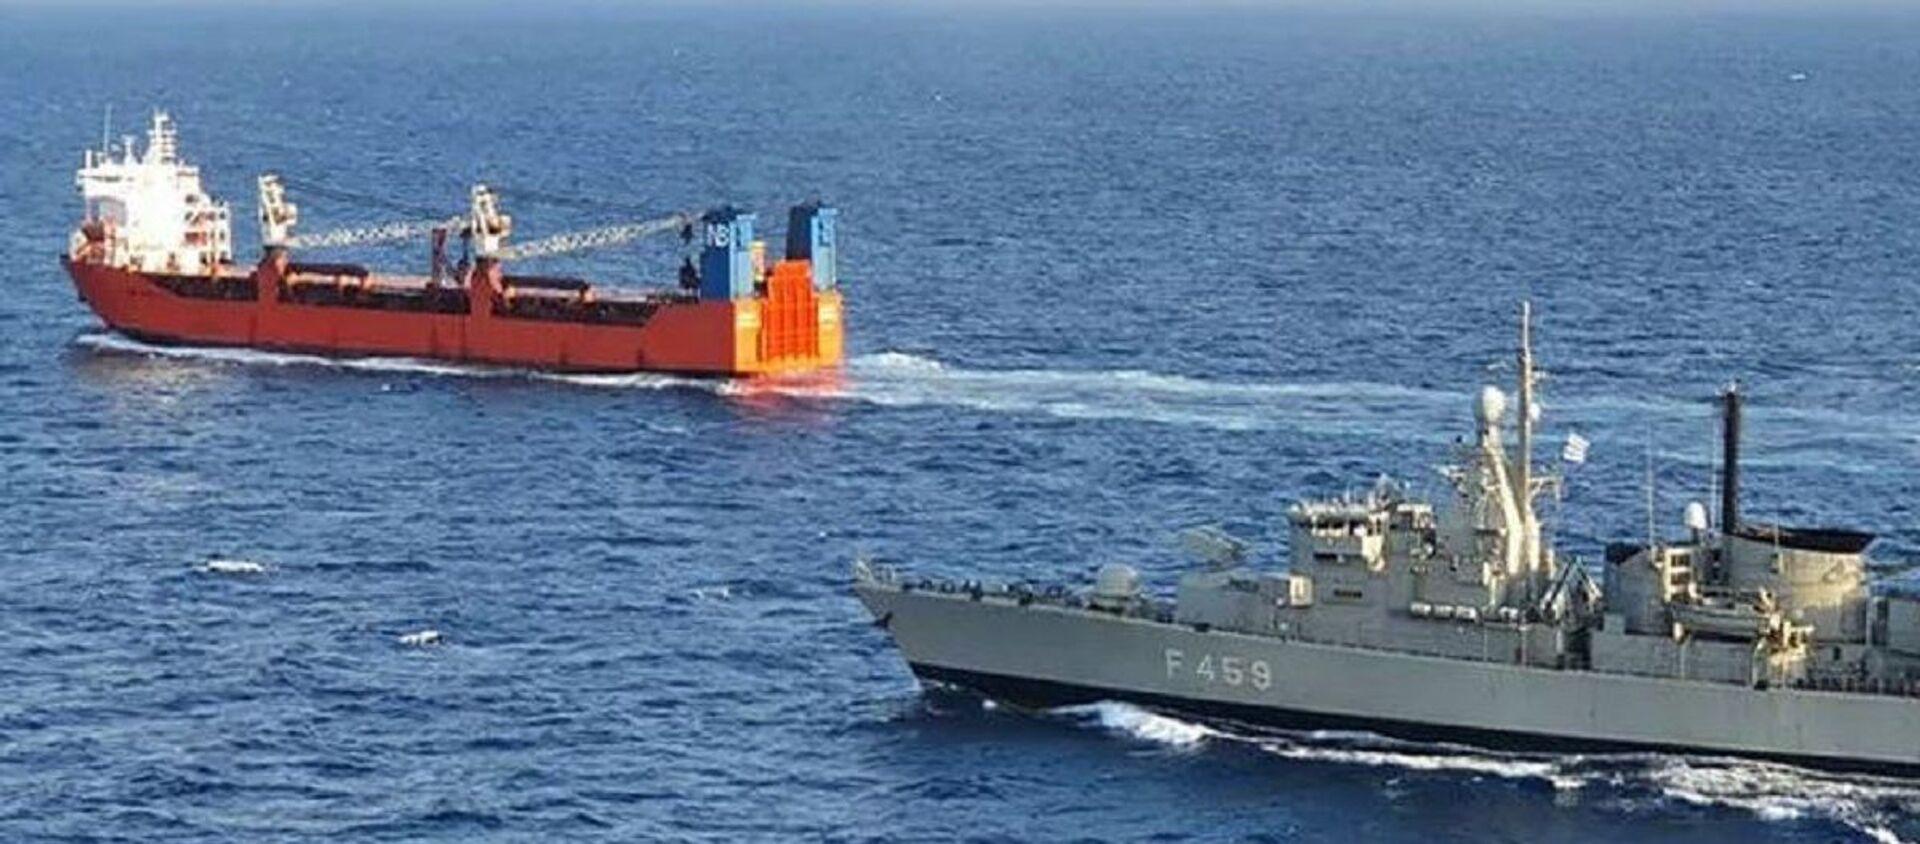 Греческие военные досмотрели в Средиземном море российское судно Адлер - Sputnik Абхазия, 1920, 15.01.2021